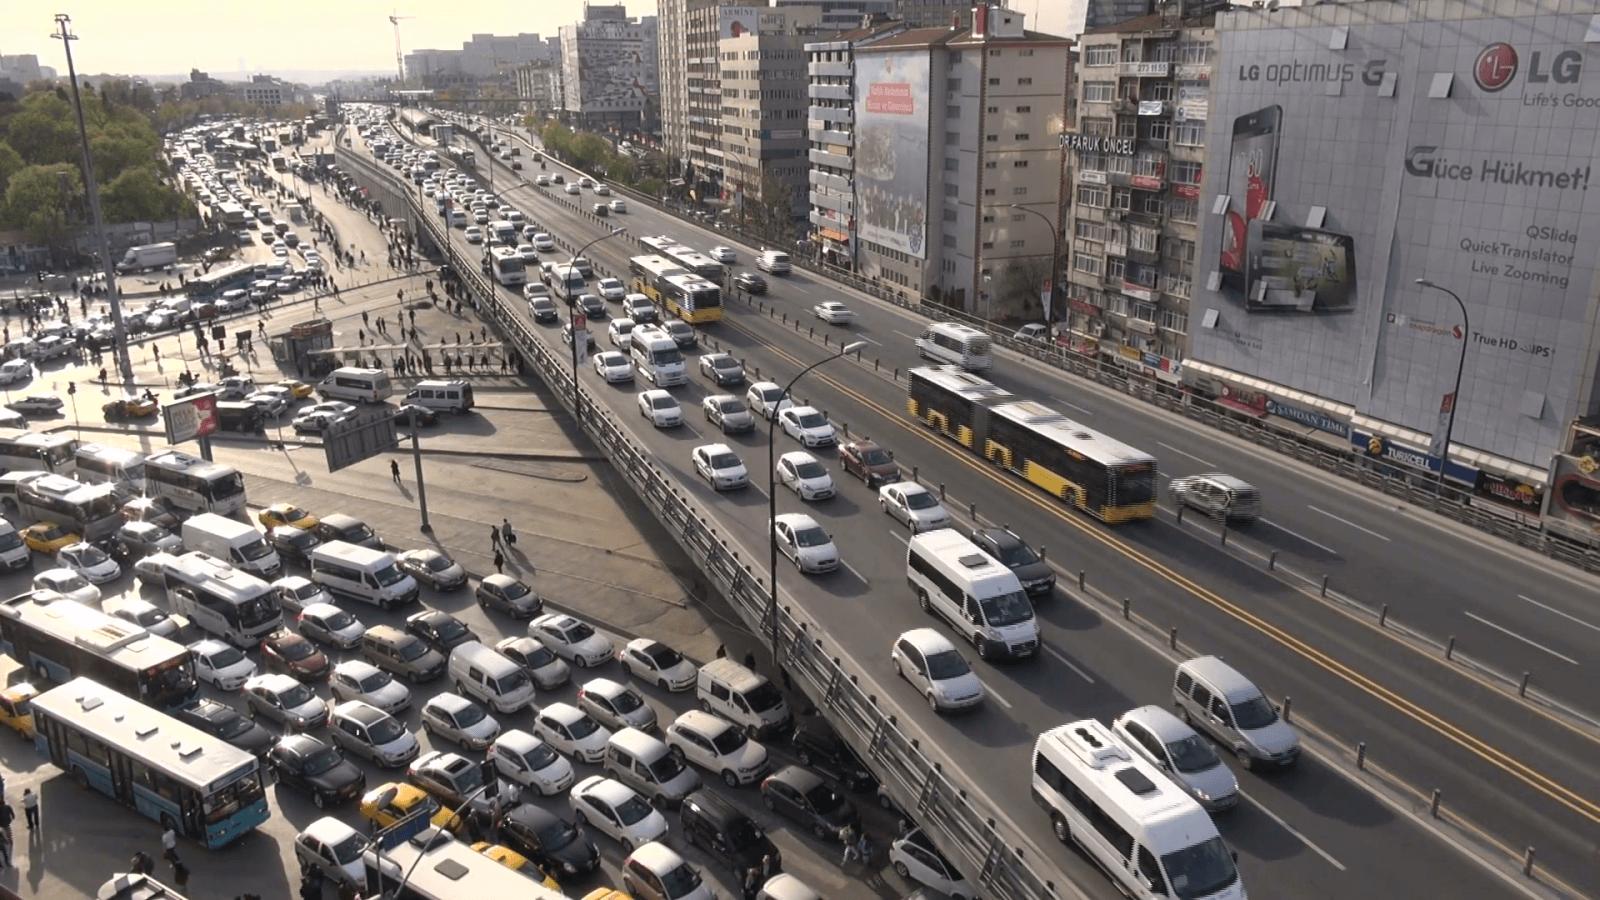 最悪のトラフィックを抱える都市とは何ですか?